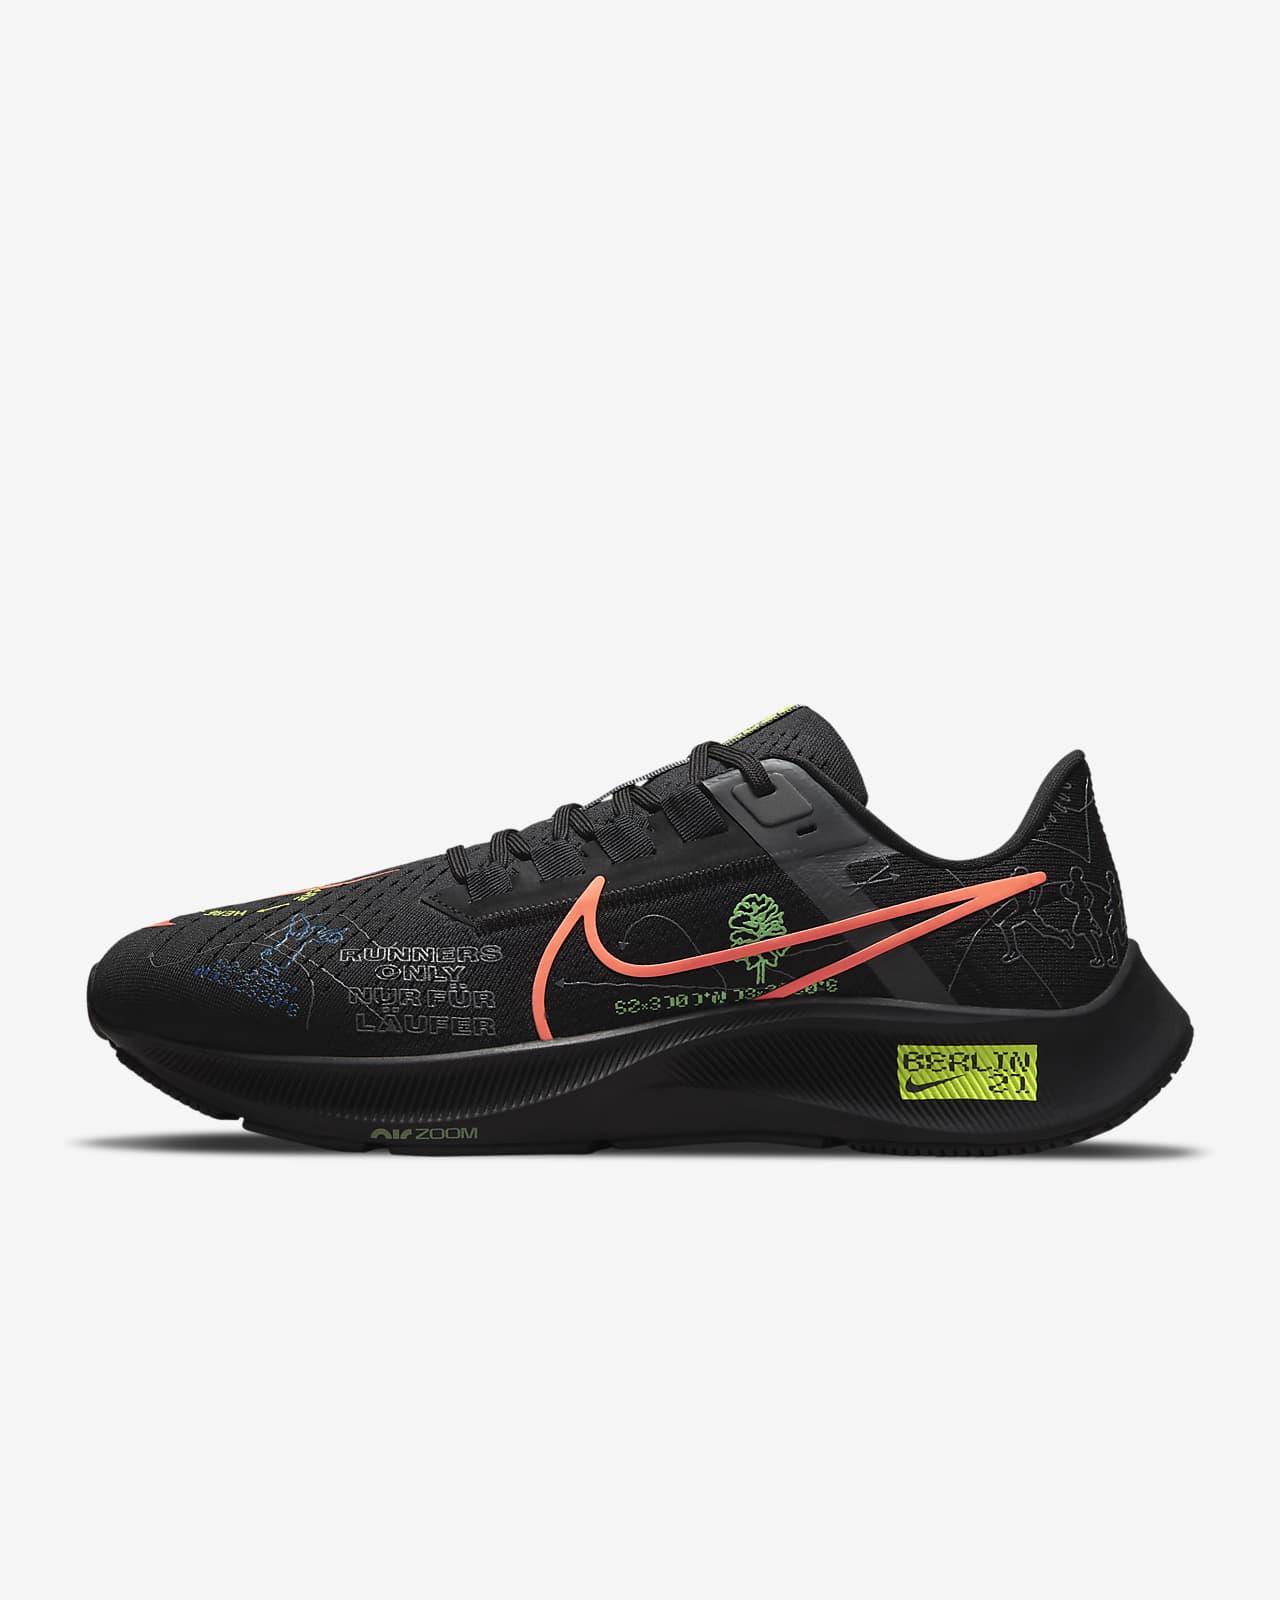 Ανδρικό παπούτσι για τρέξιμο σε δρόμο Nike Air Zoom Pegasus 38